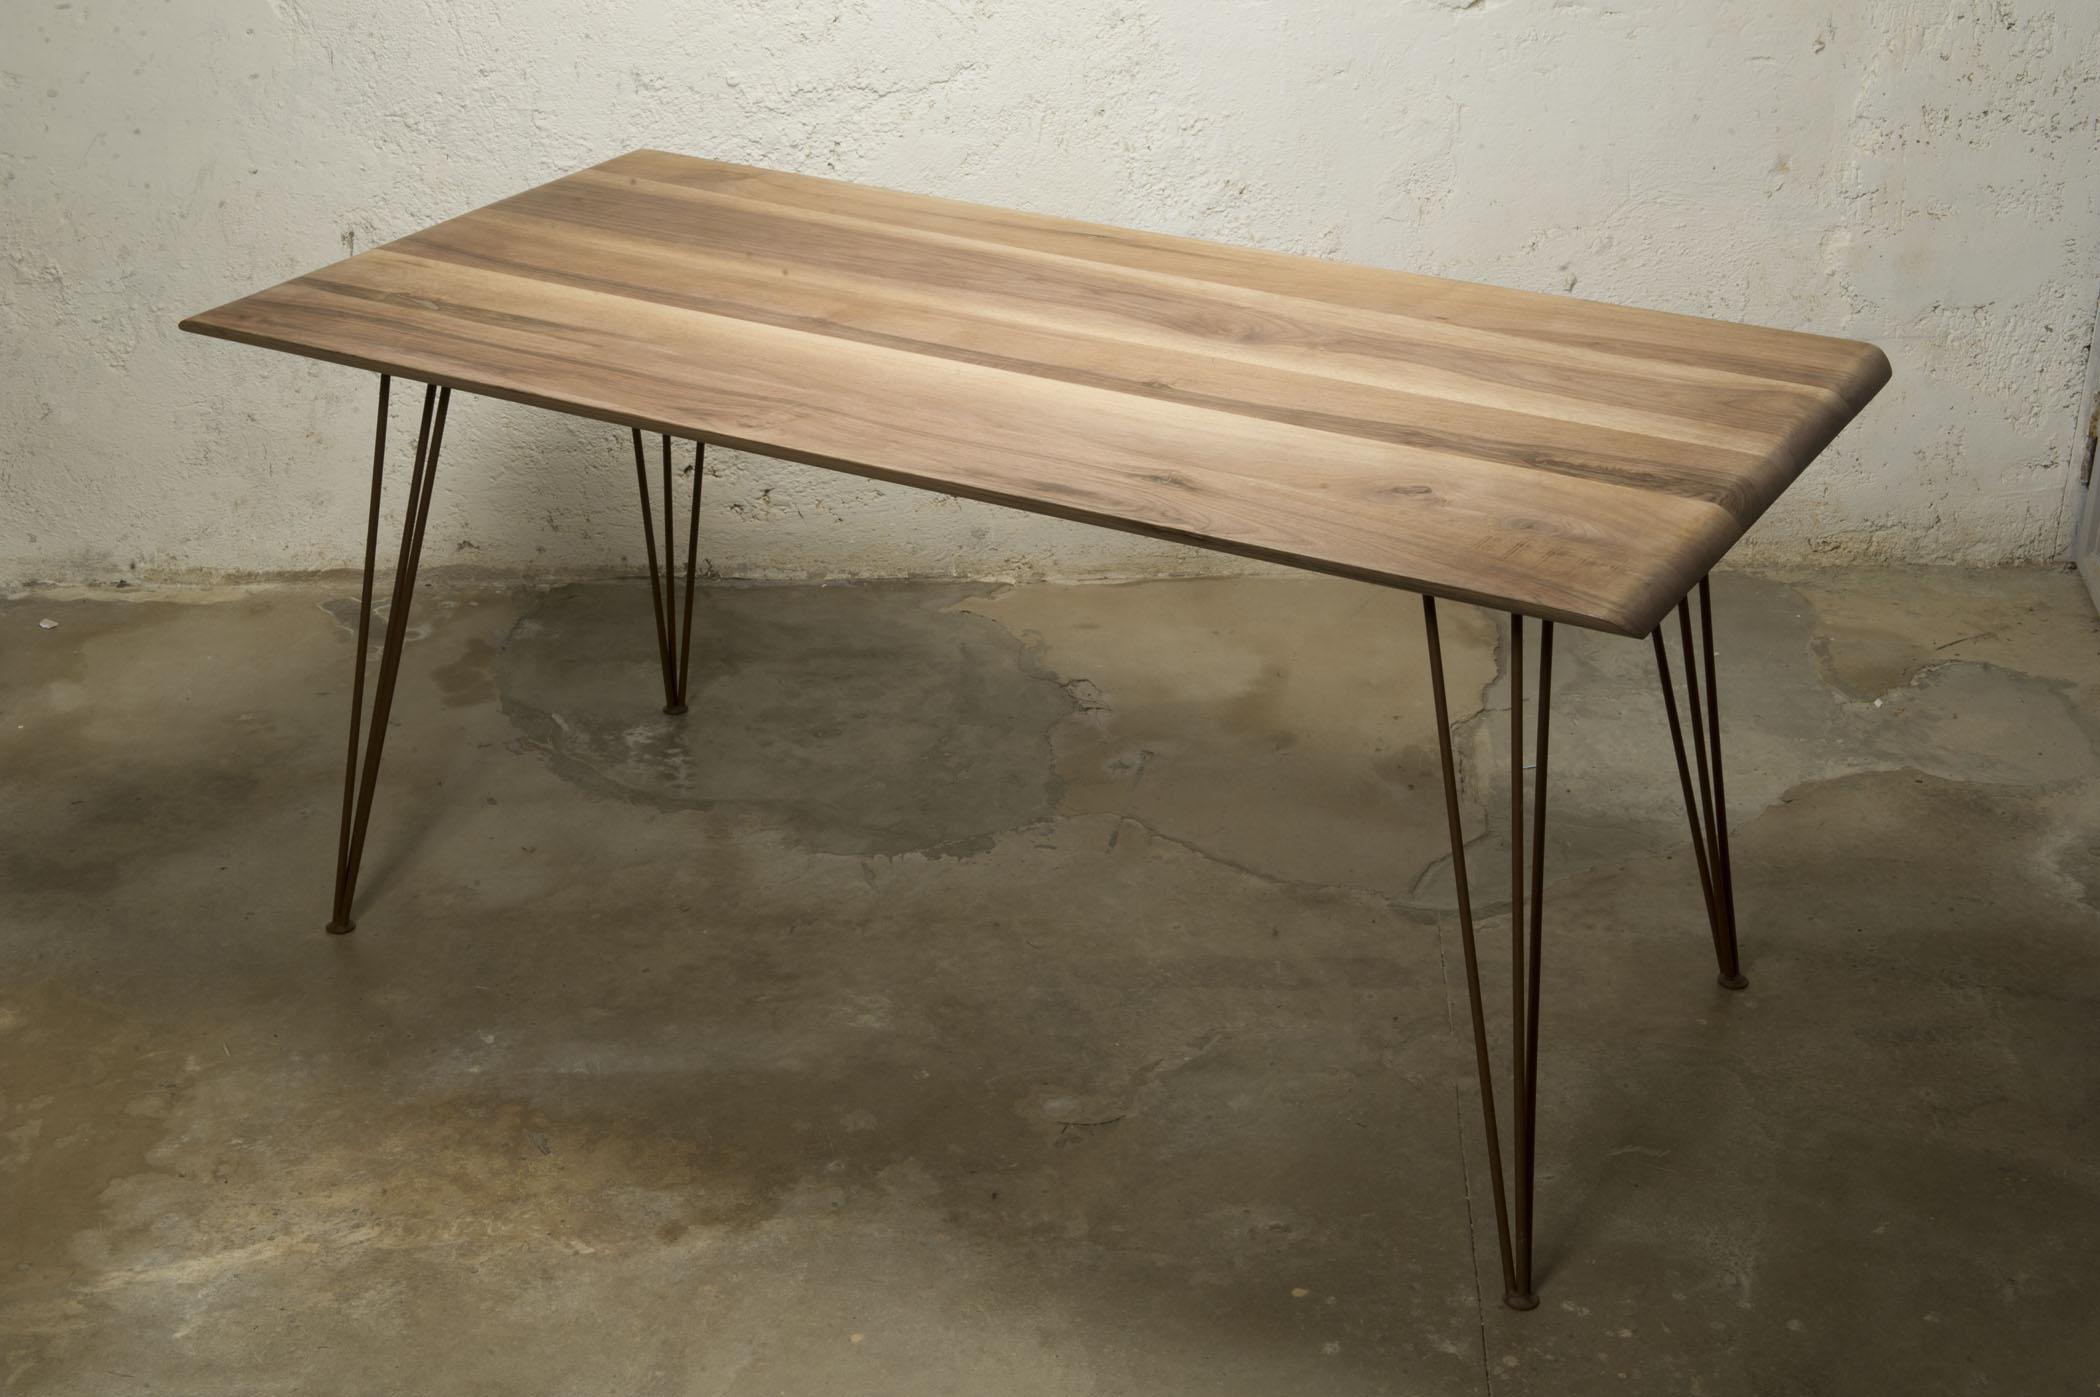 Tavolo In Ferro Brunito E Legno : Tavolino ferro e legno. perfect industrial rustico in legno e ferro